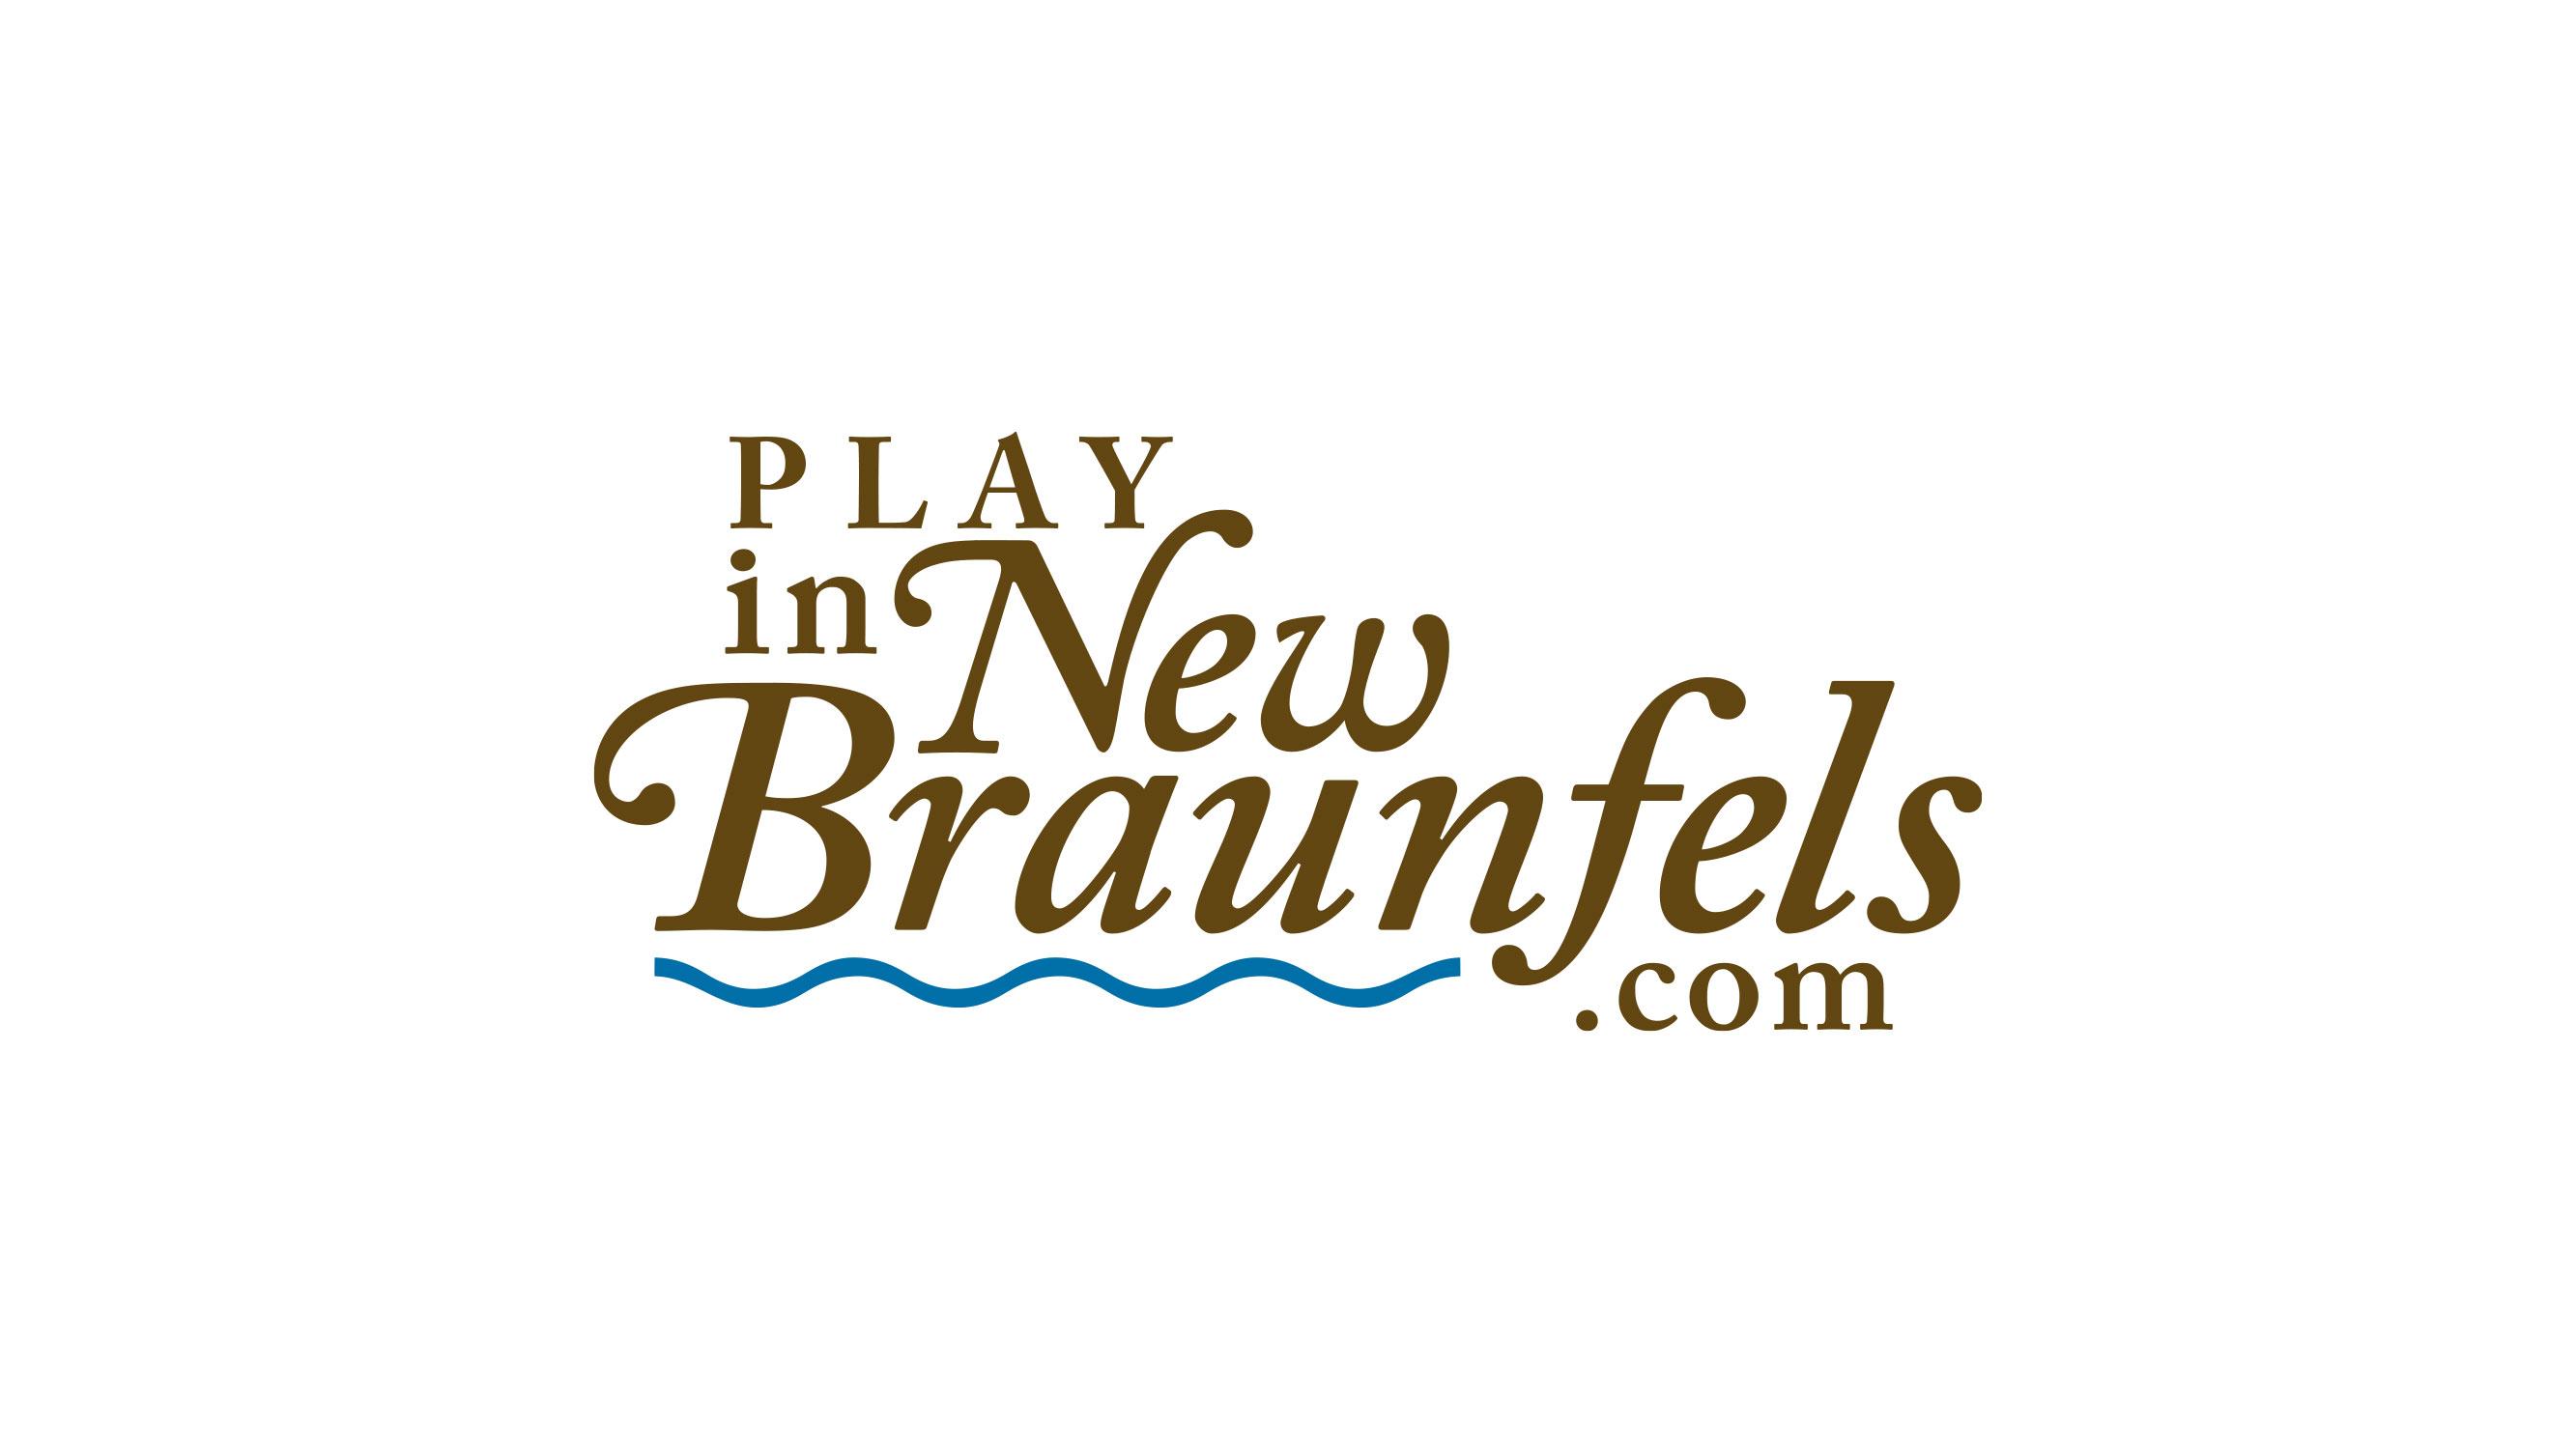 PlayinNewBraunfels.com